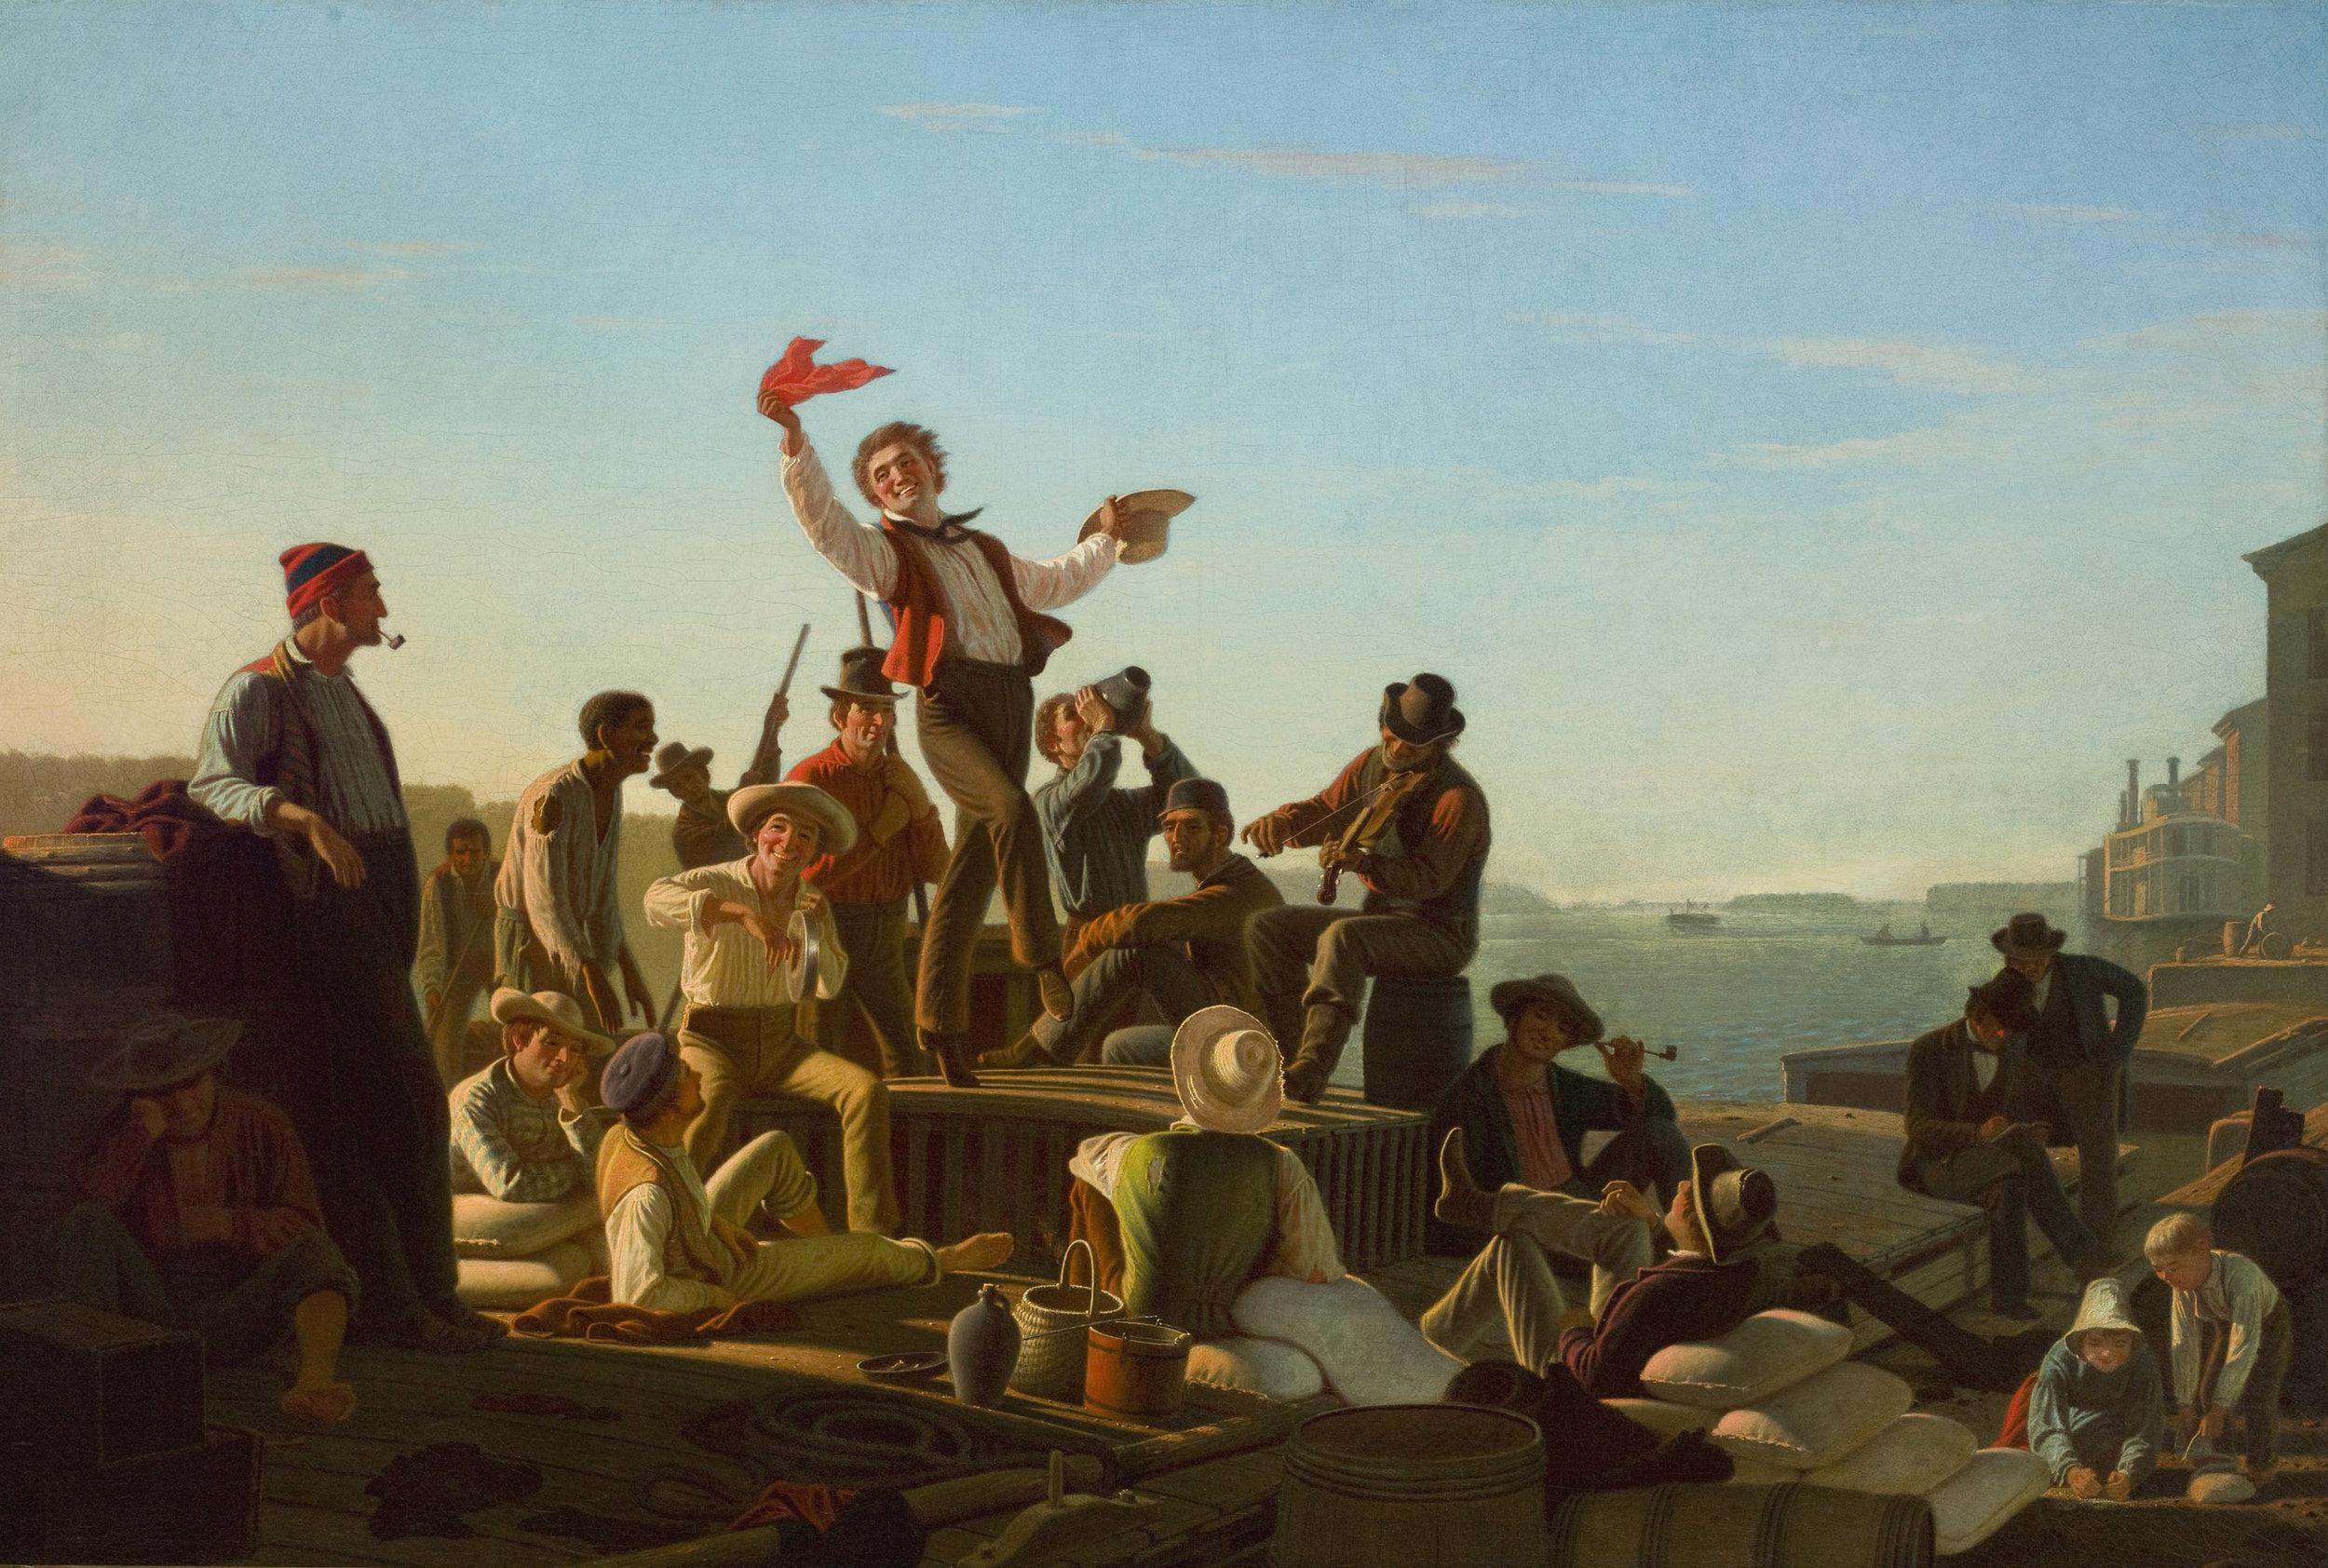 George Caleb Bingham, American, 1811–1879; J olly Flatboatmen in Port , 1857